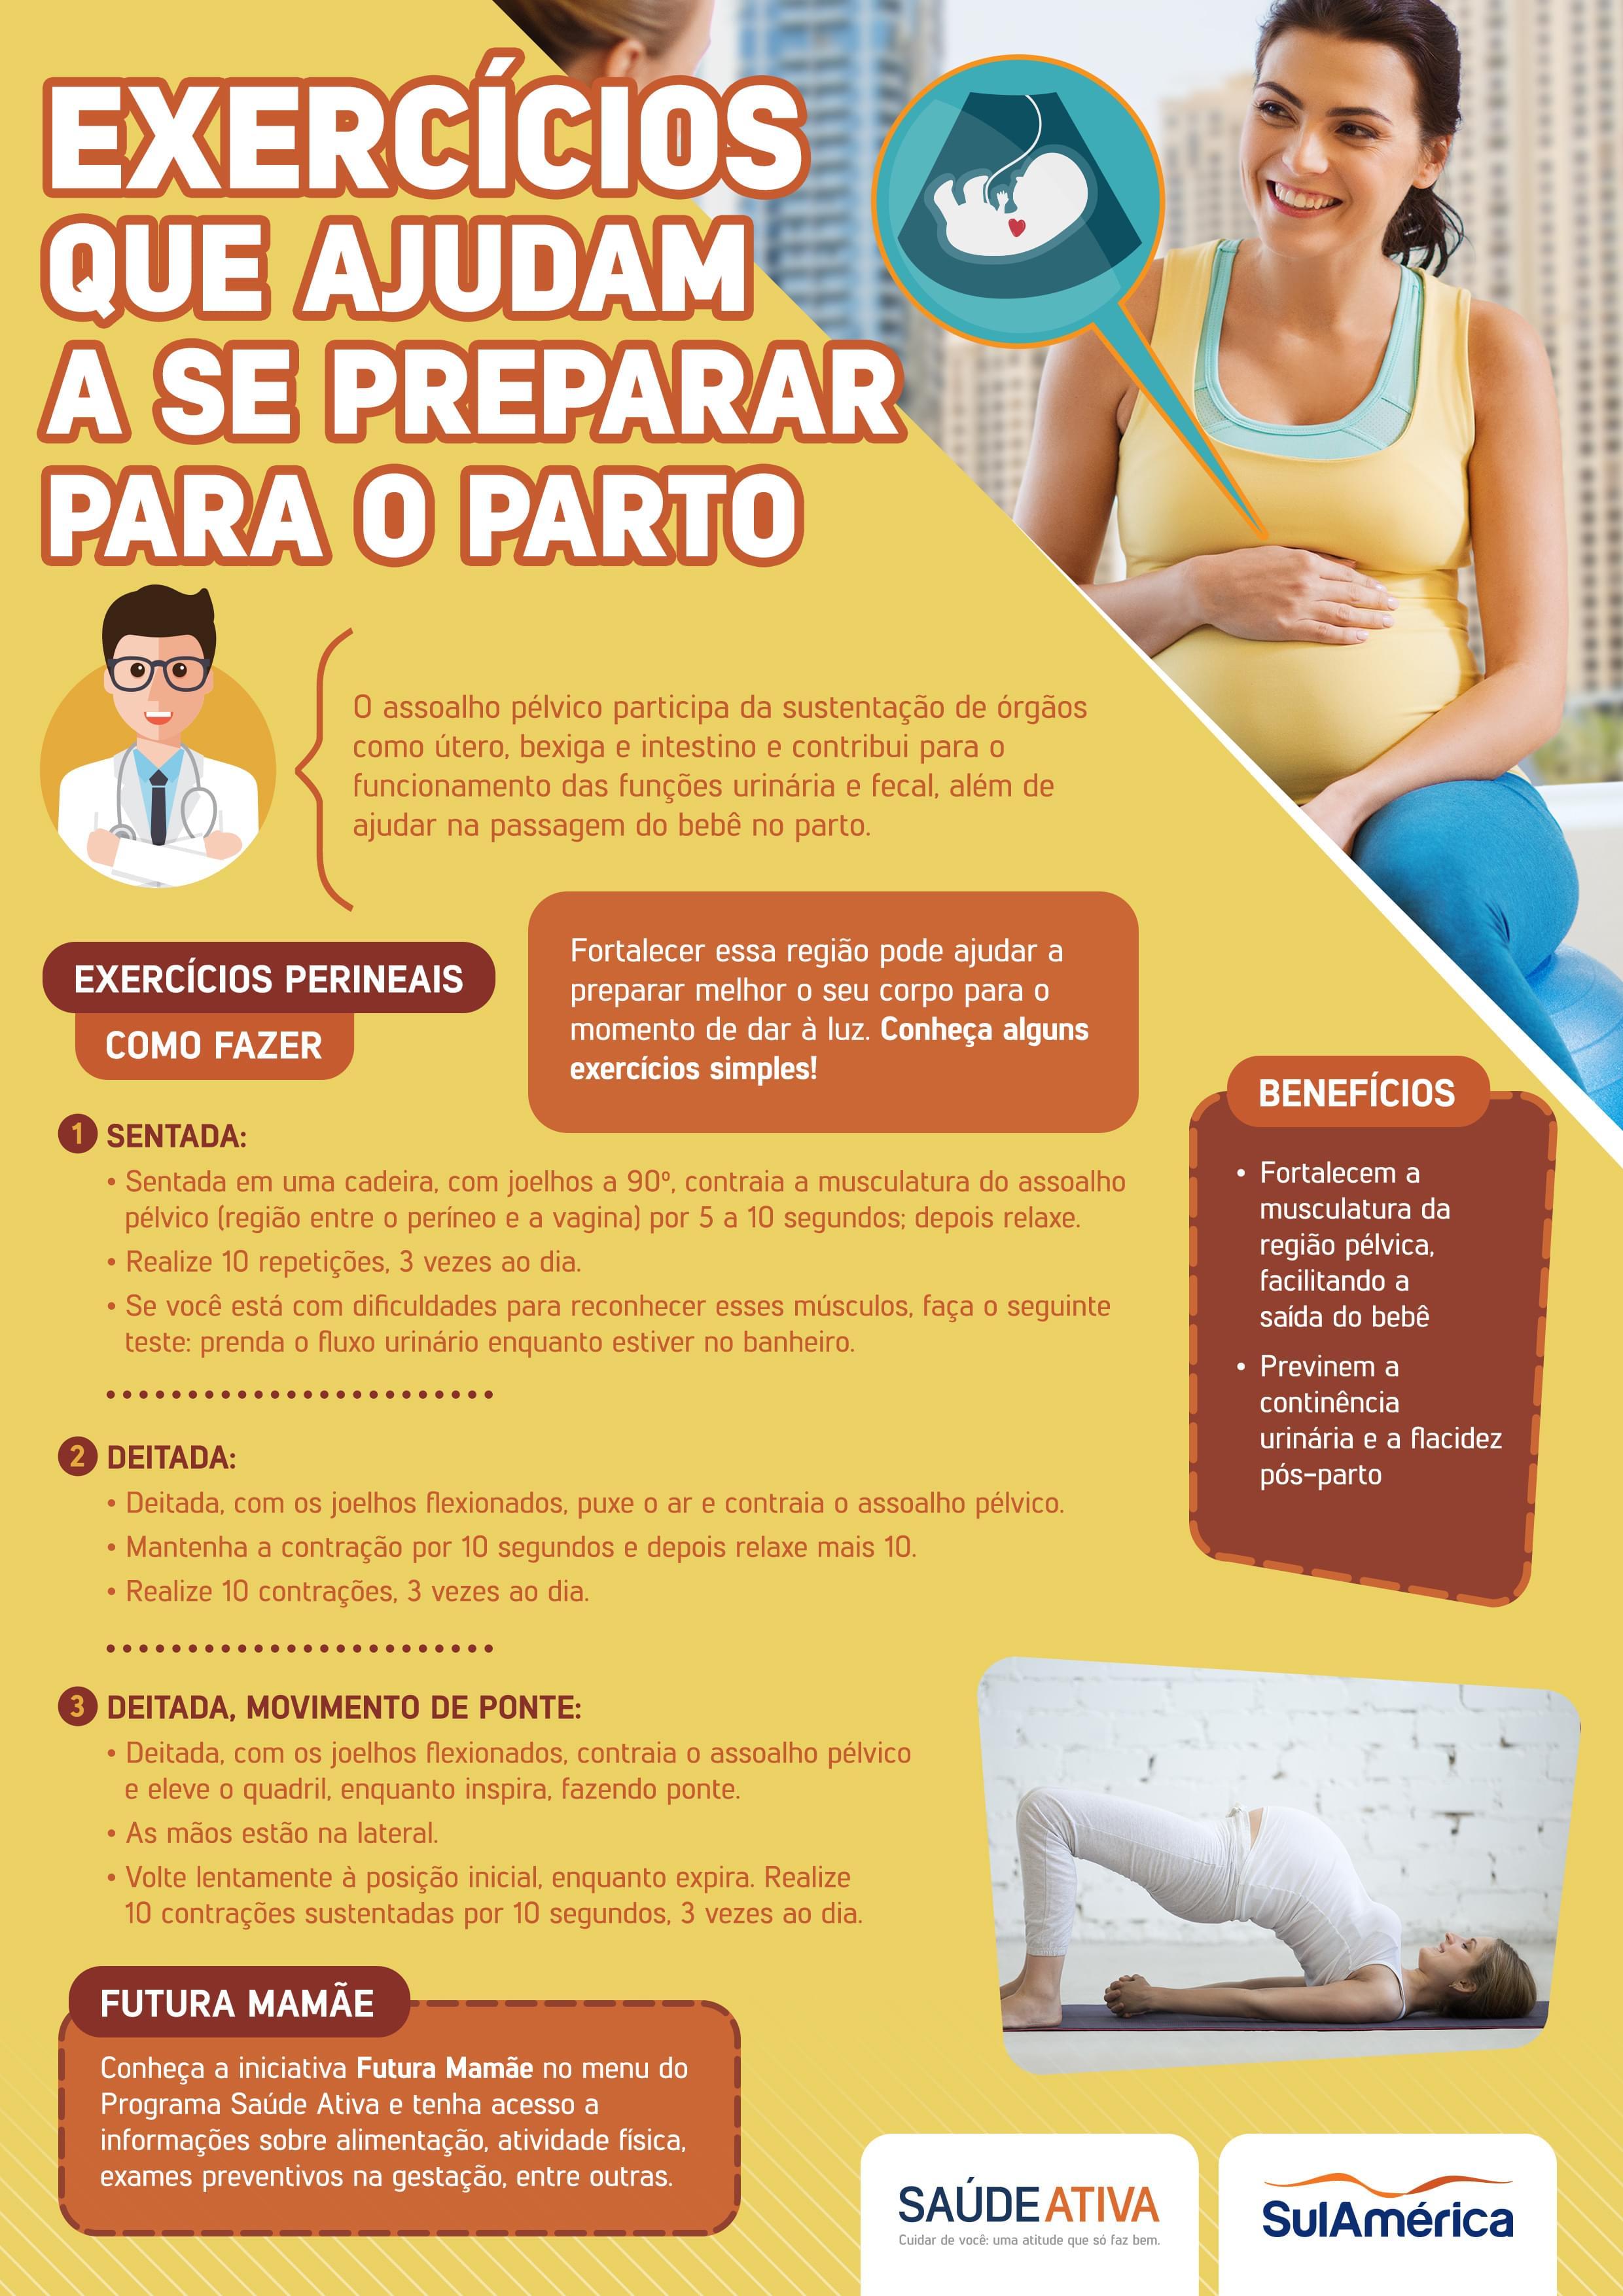 Info_SulAmerica_ExerciciosParto3